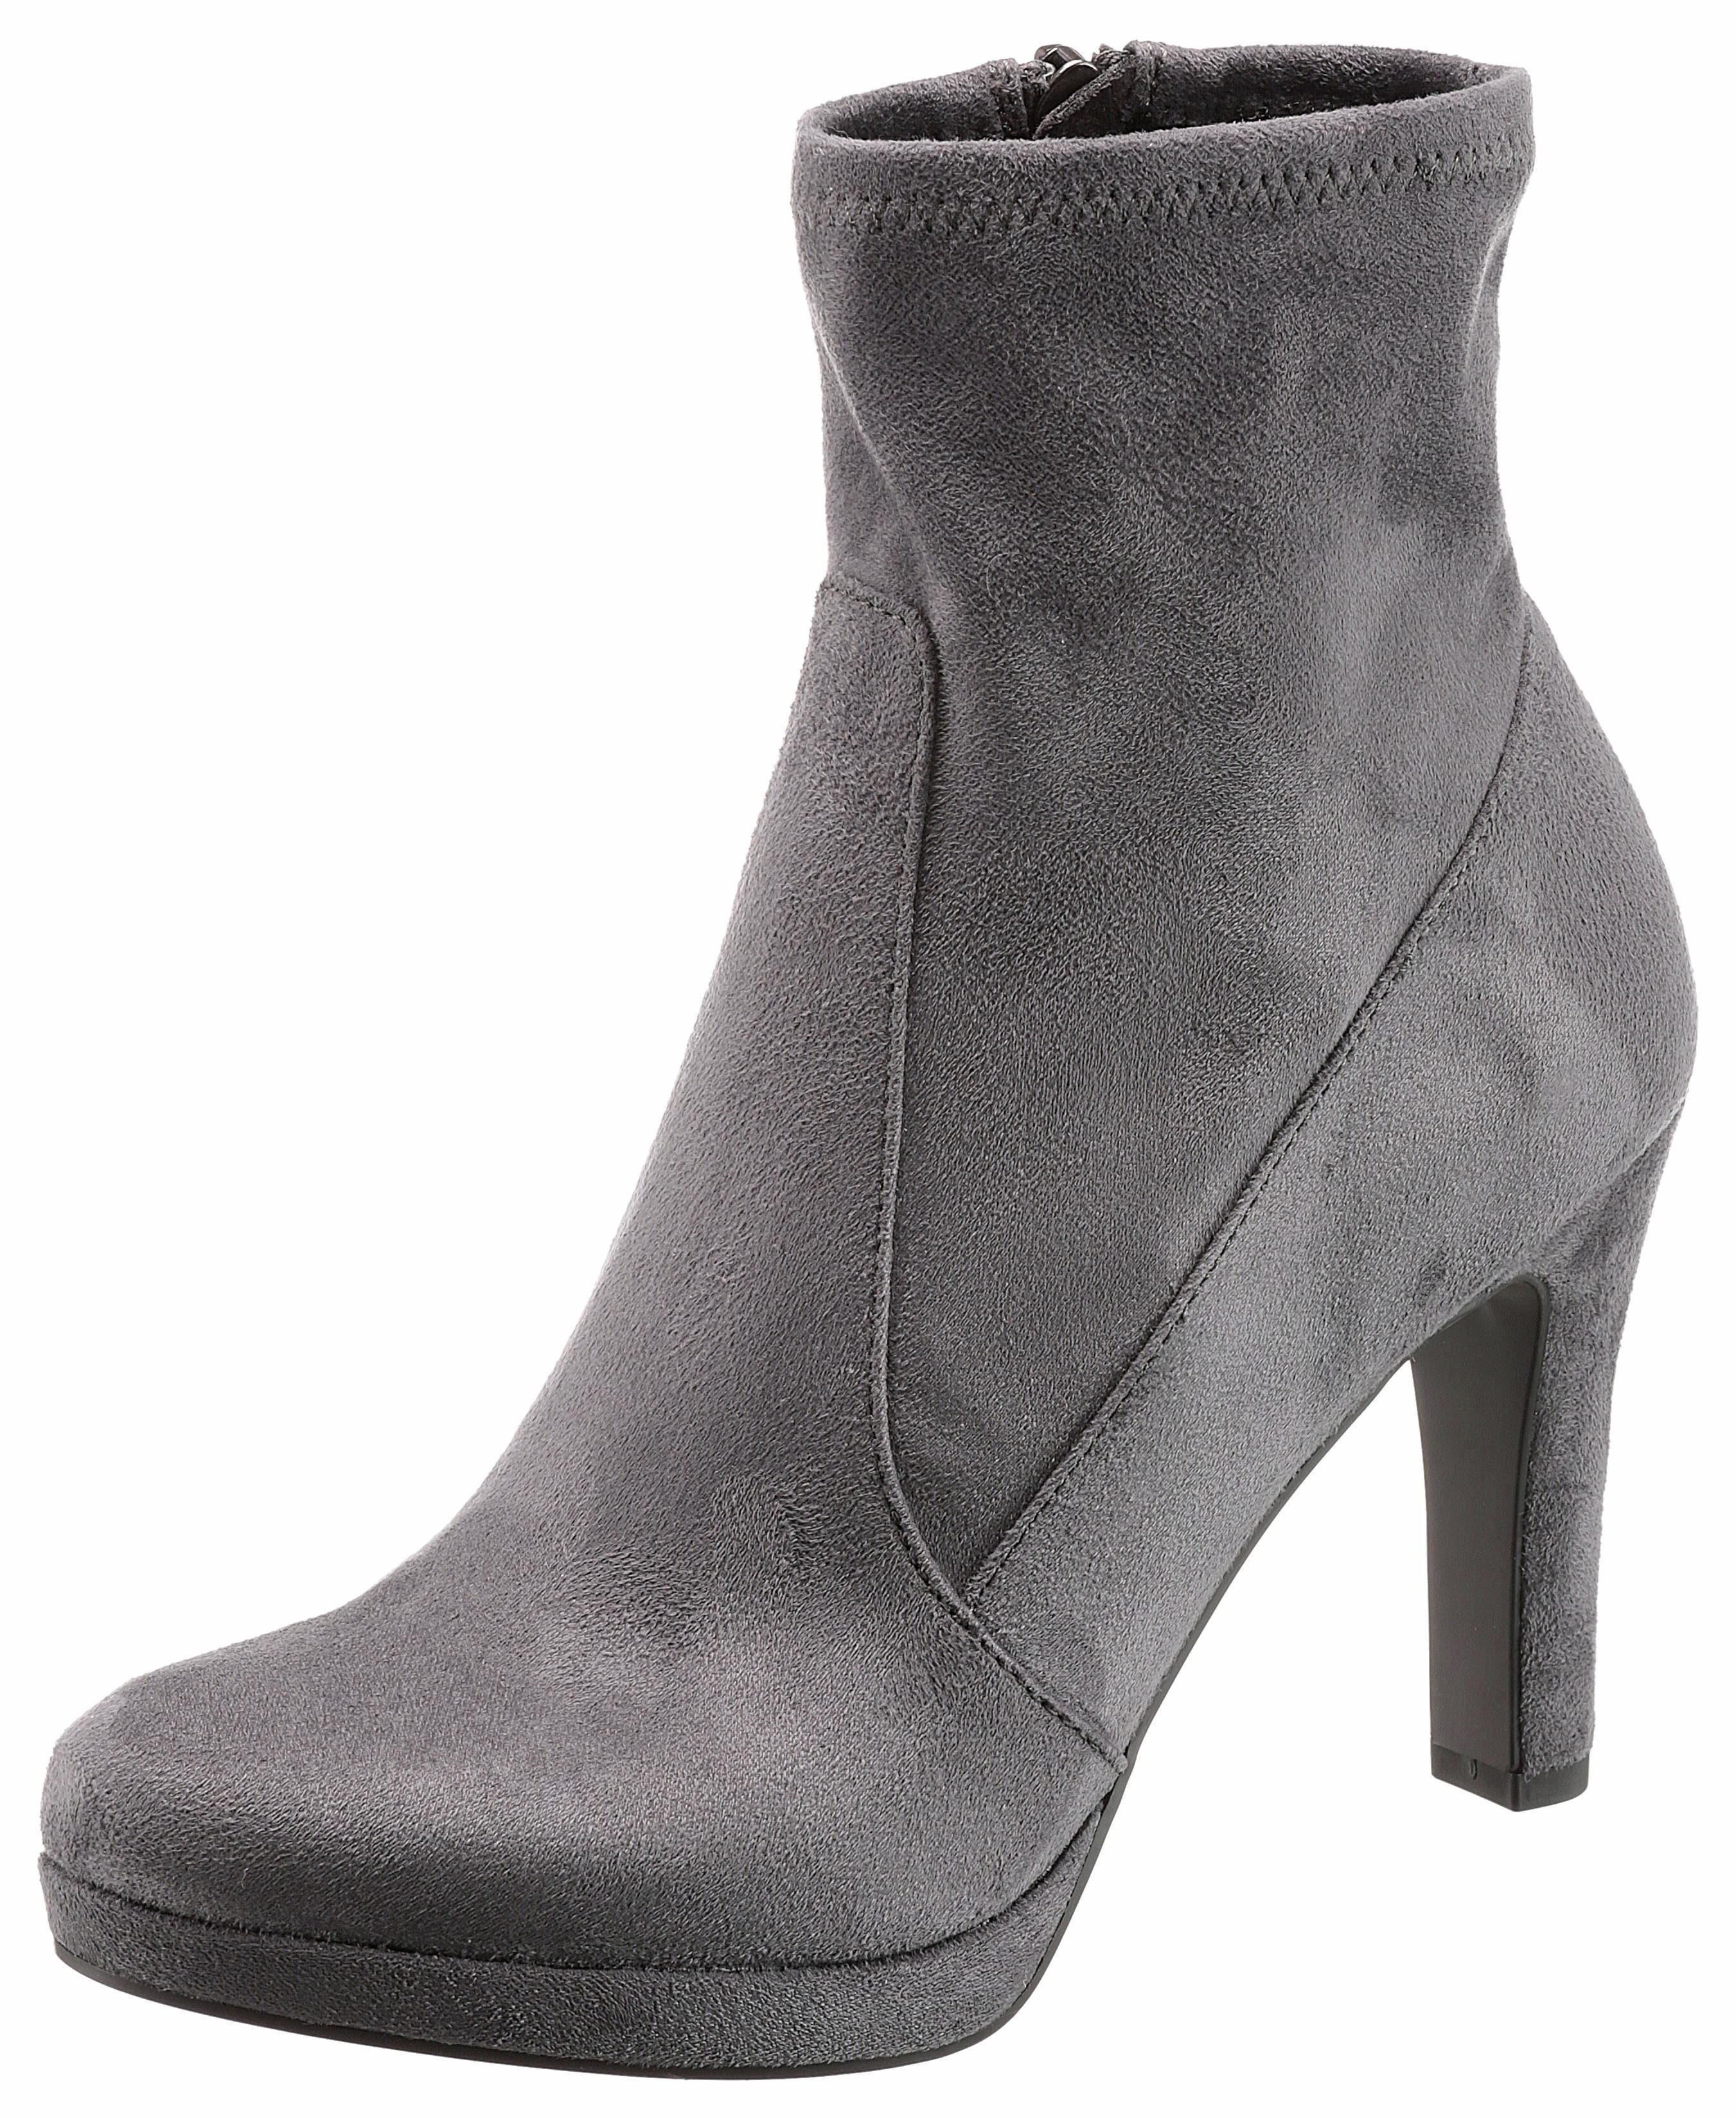 Tamaris High Heel Stiefelette mit Touch It Dämpfung online kaufen   OTTO